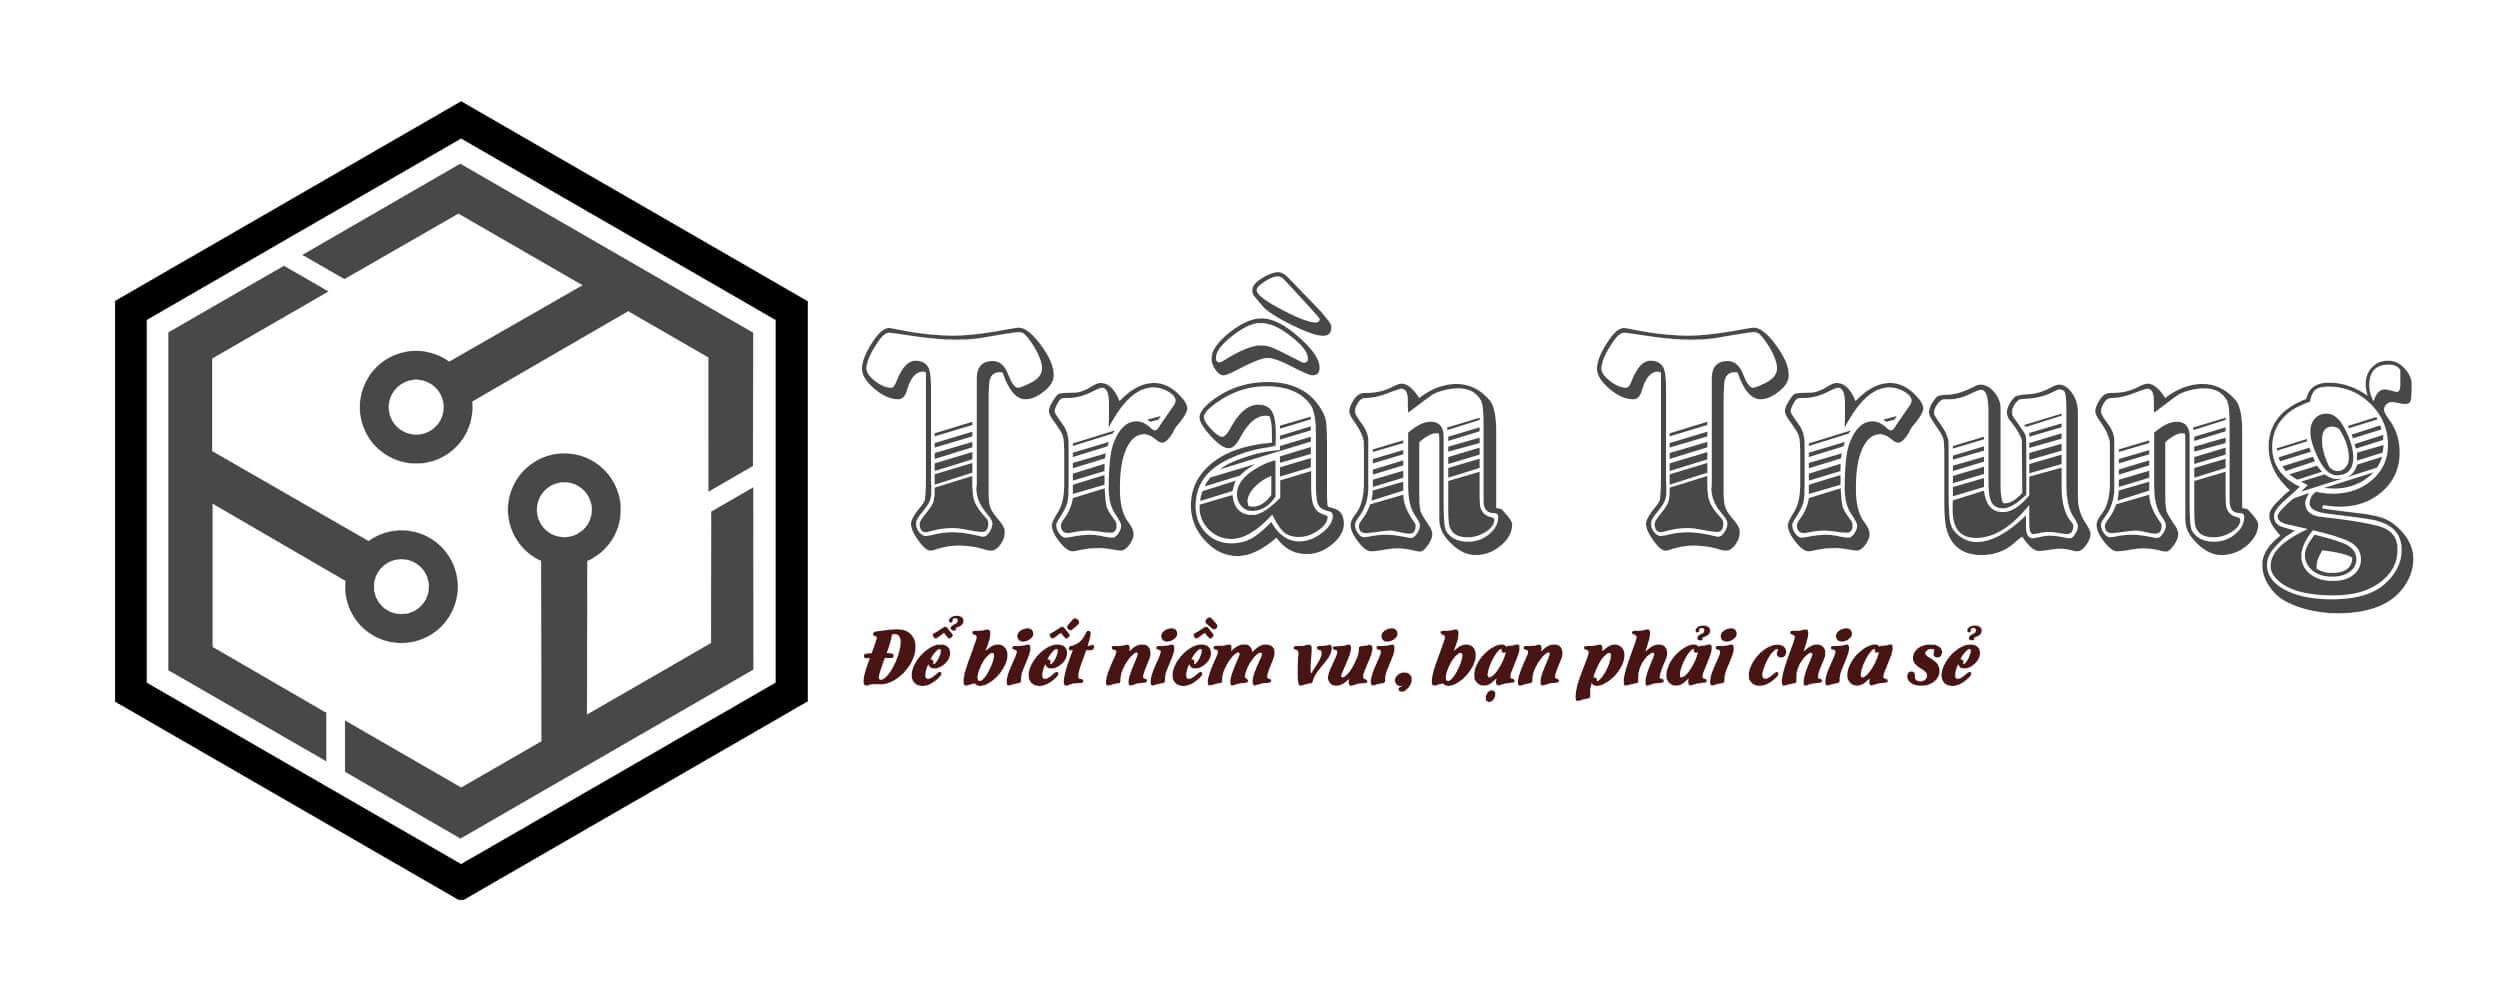 Logo Trần Trung